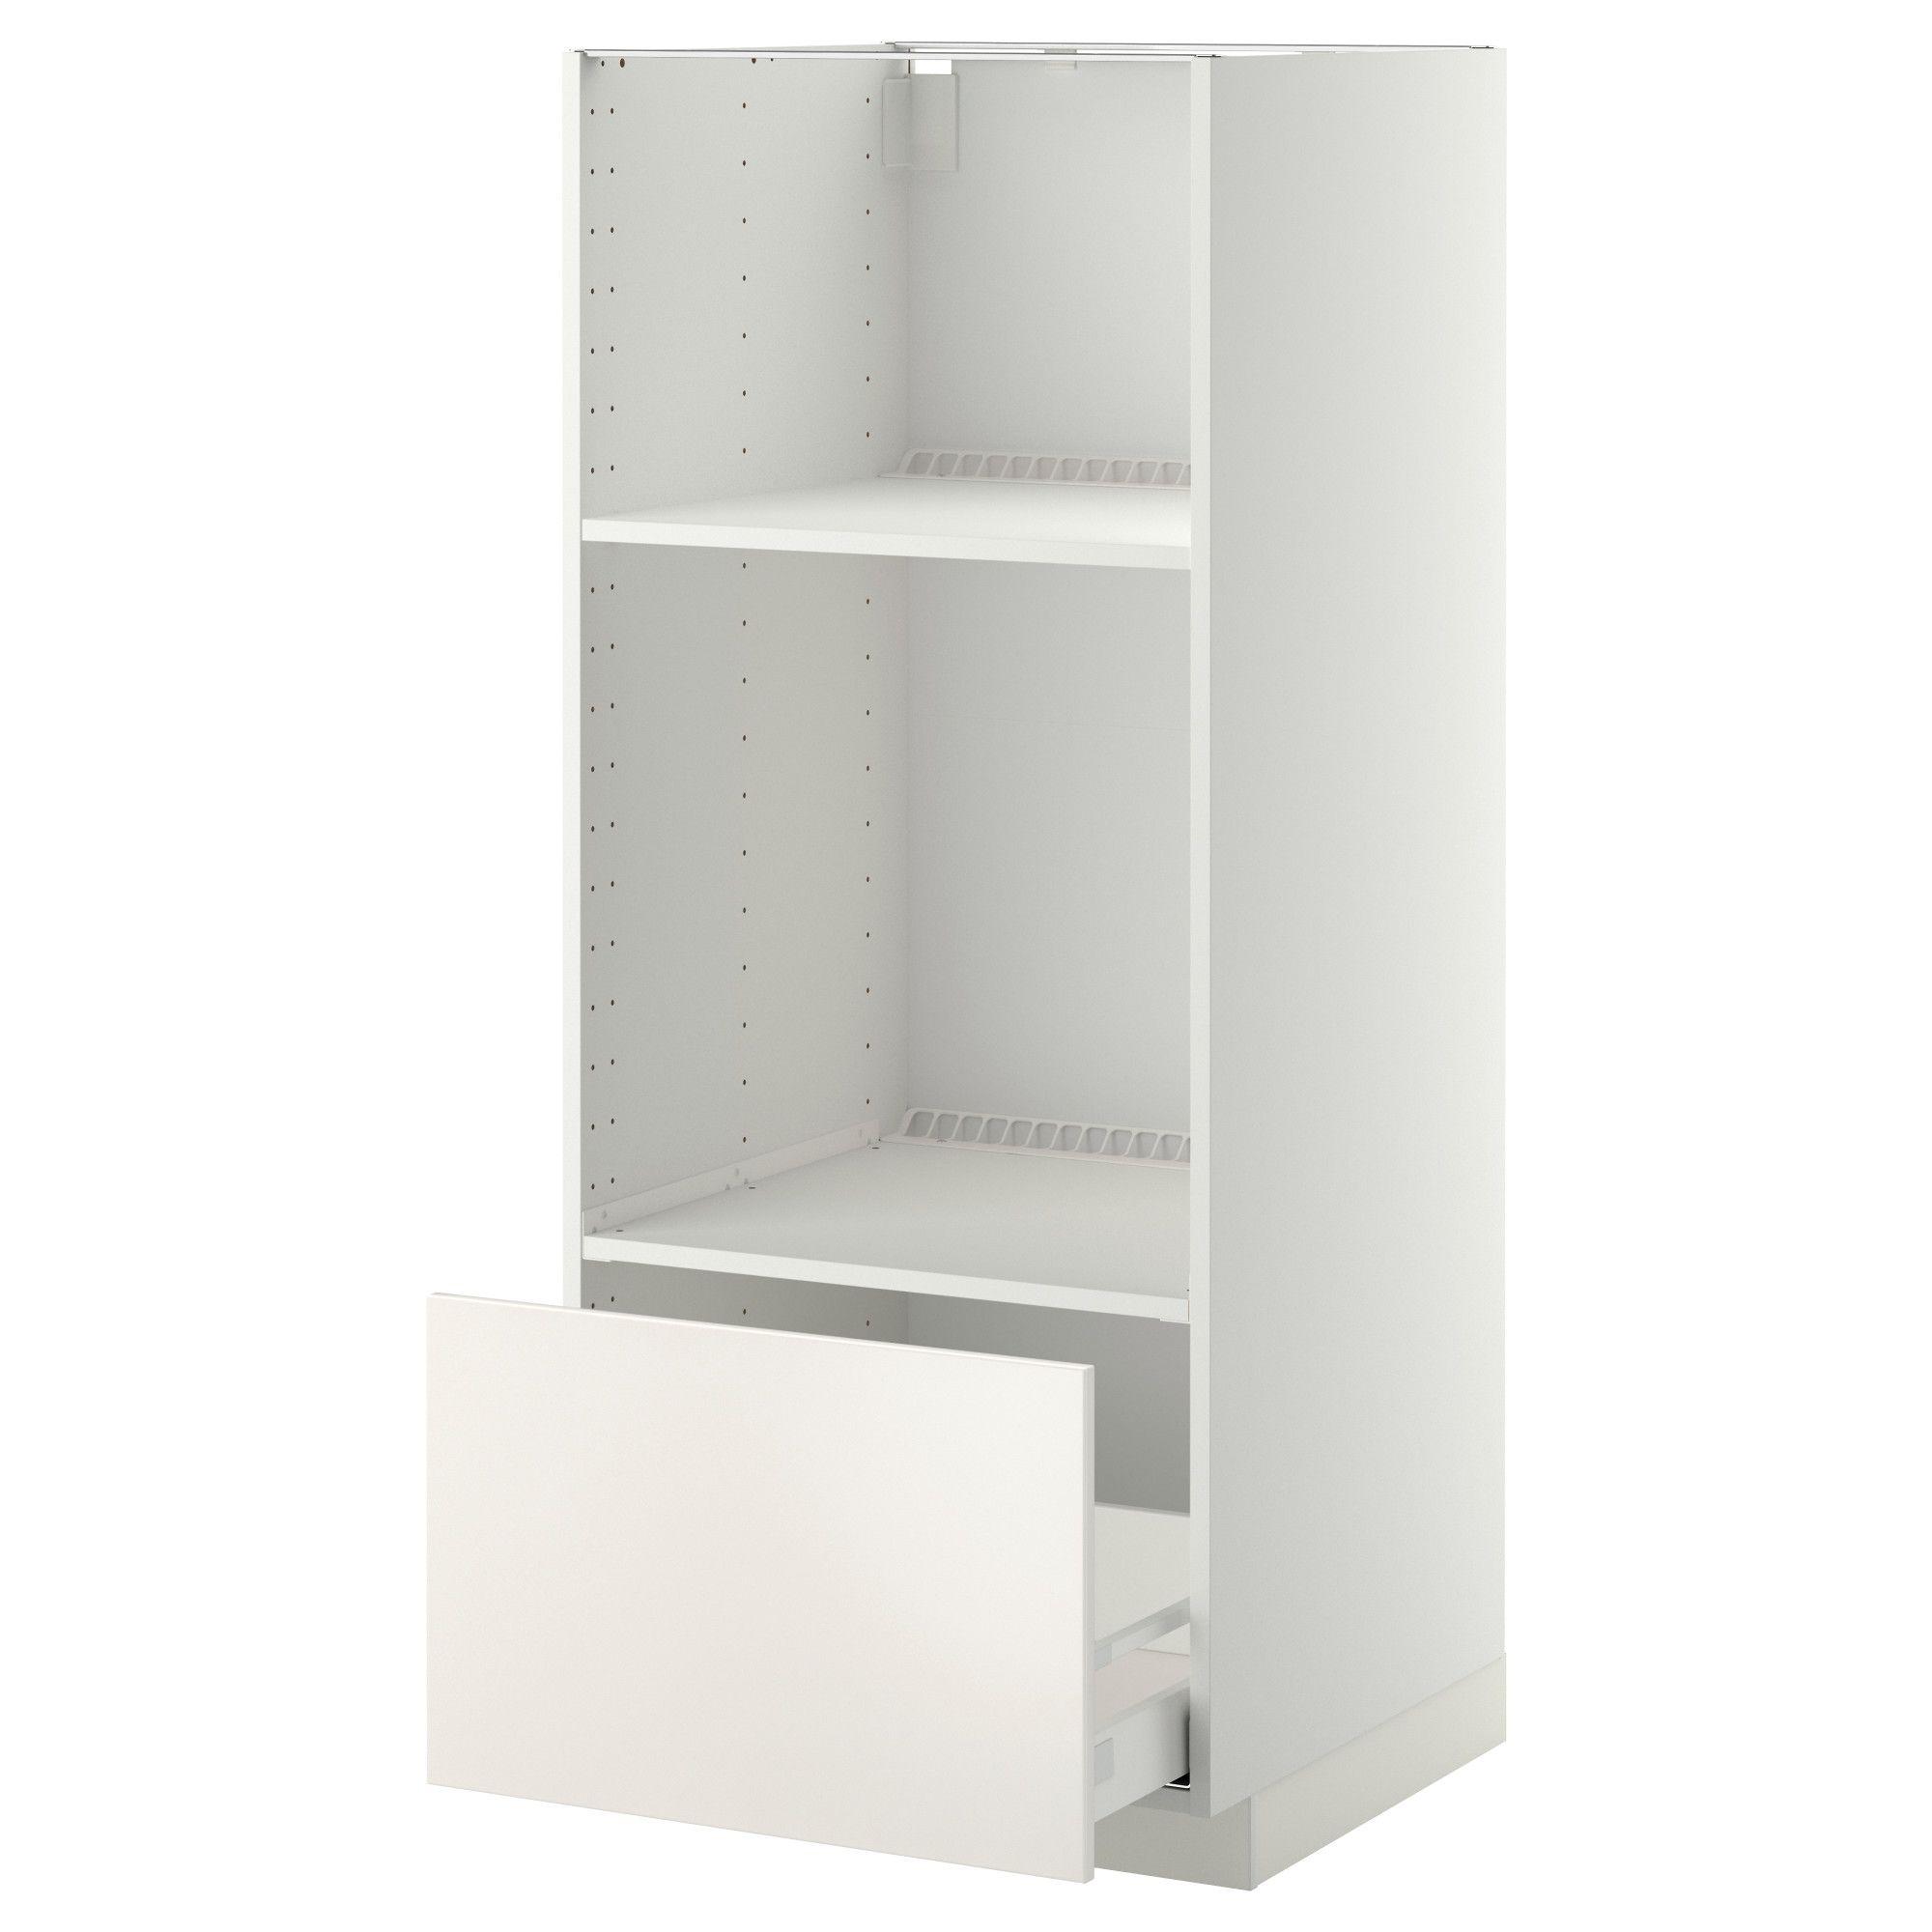 7c21be32a55635d9c751bc464f8dce8d Impressionnant De Table Ikea Blanche Schème